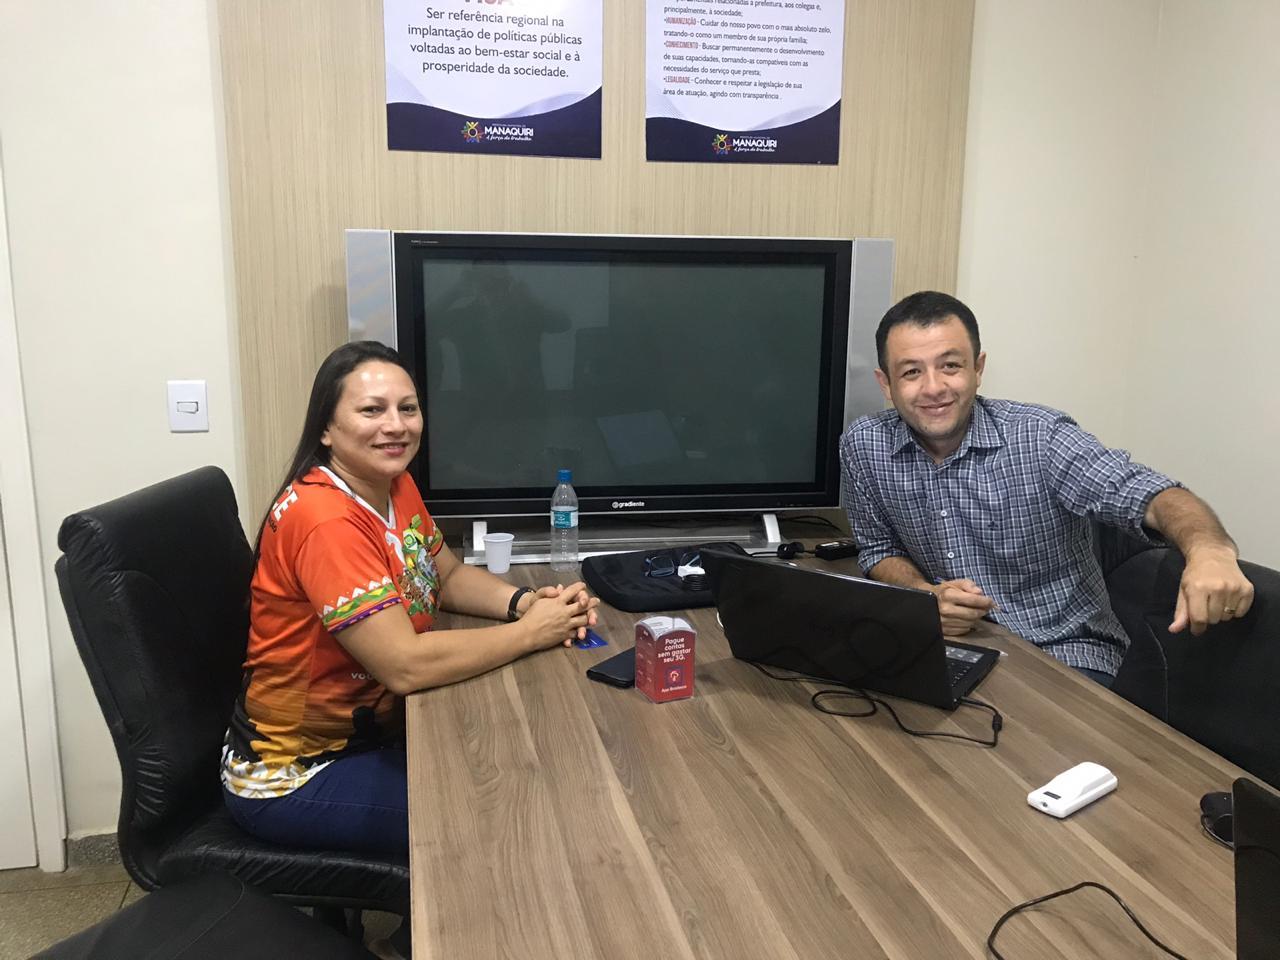 Equipes do Realidade Municipal conhecem desafios da gestão em Manaquiri (AM) e Barra de Santa Rosa (PB)